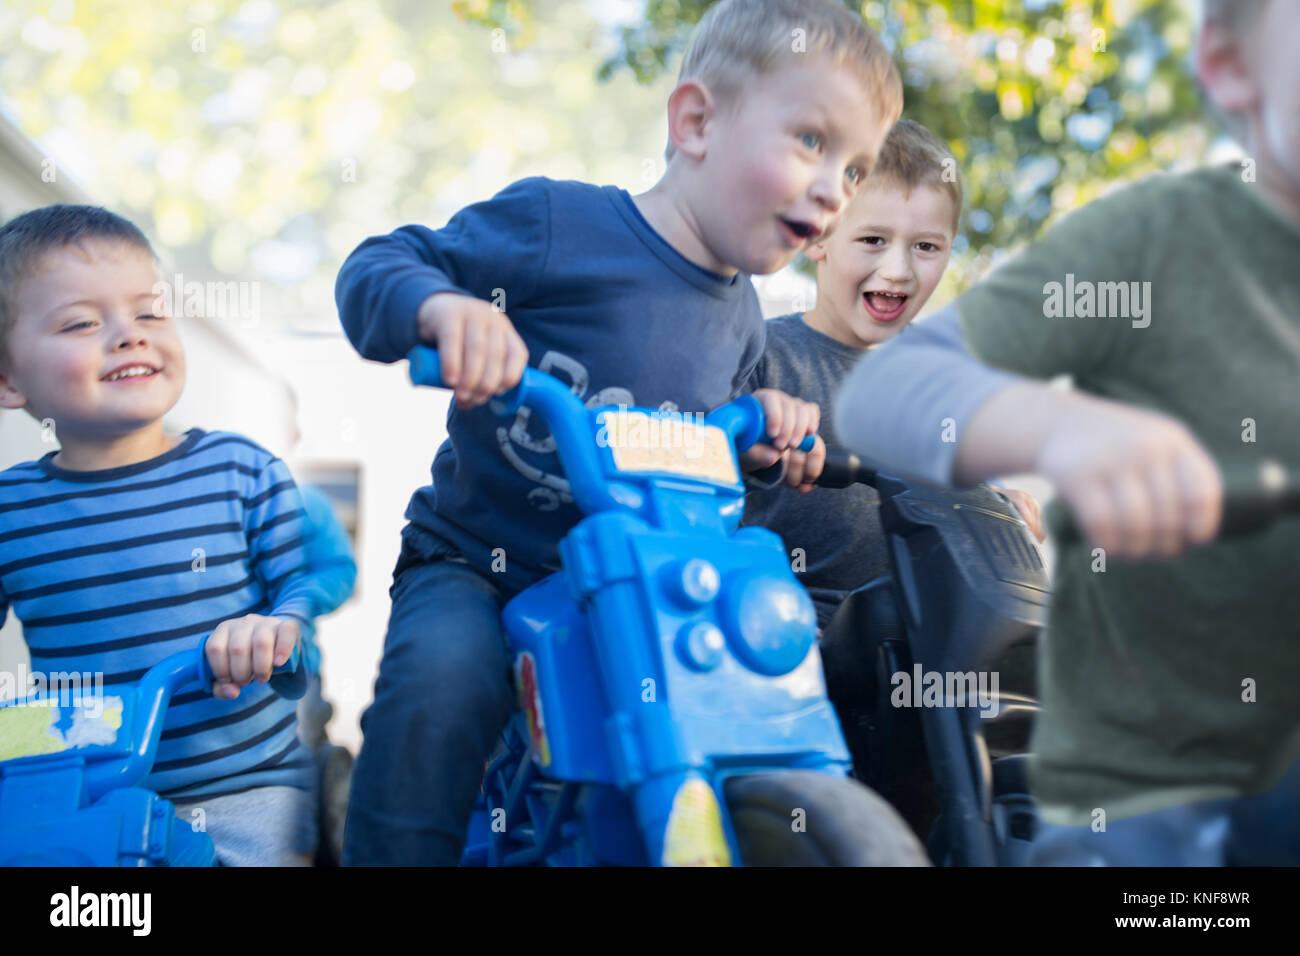 Les garçons à l'âge préscolaire course motos push in garden Banque D'Images